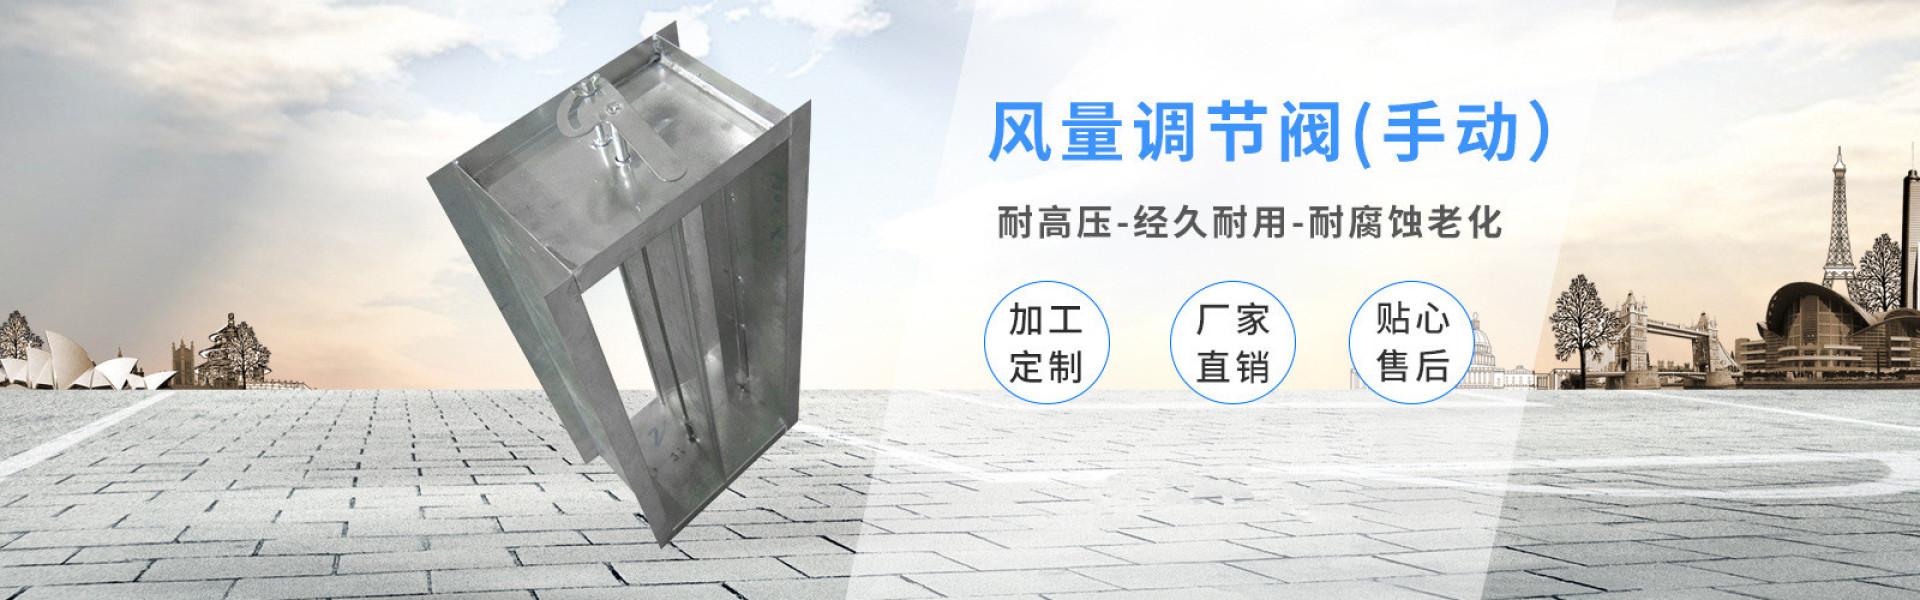 洪明通风专注铝质风口,铁质风口,木质风口塑钢风口,风量调节阀等系列产品